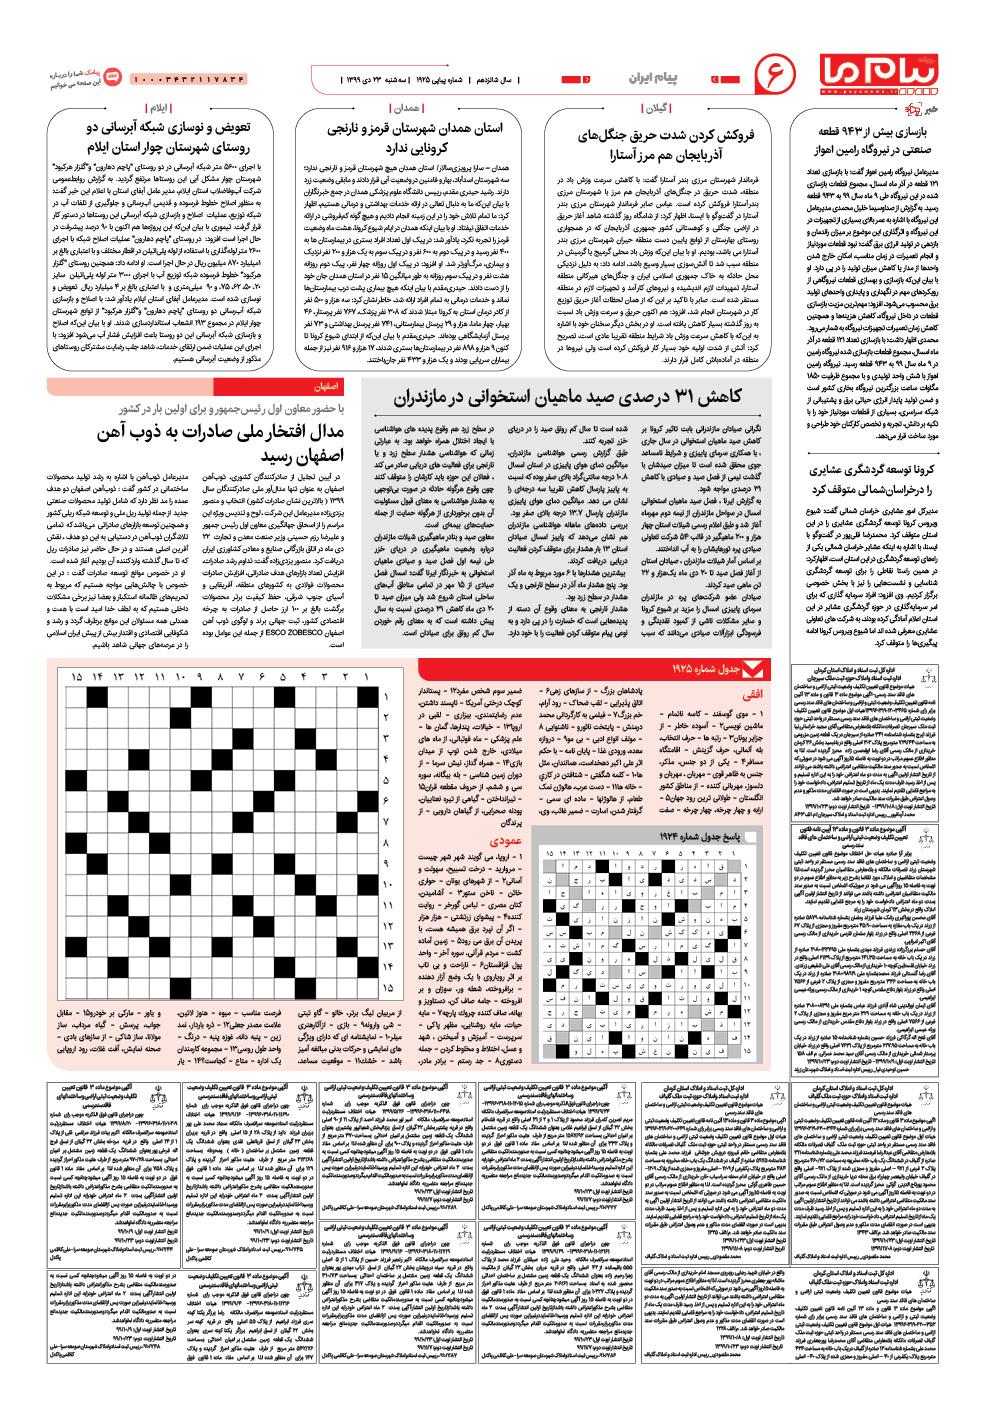 صفحه پیام ایران شماره ۱۹۲۵ روزنامه پیام ما